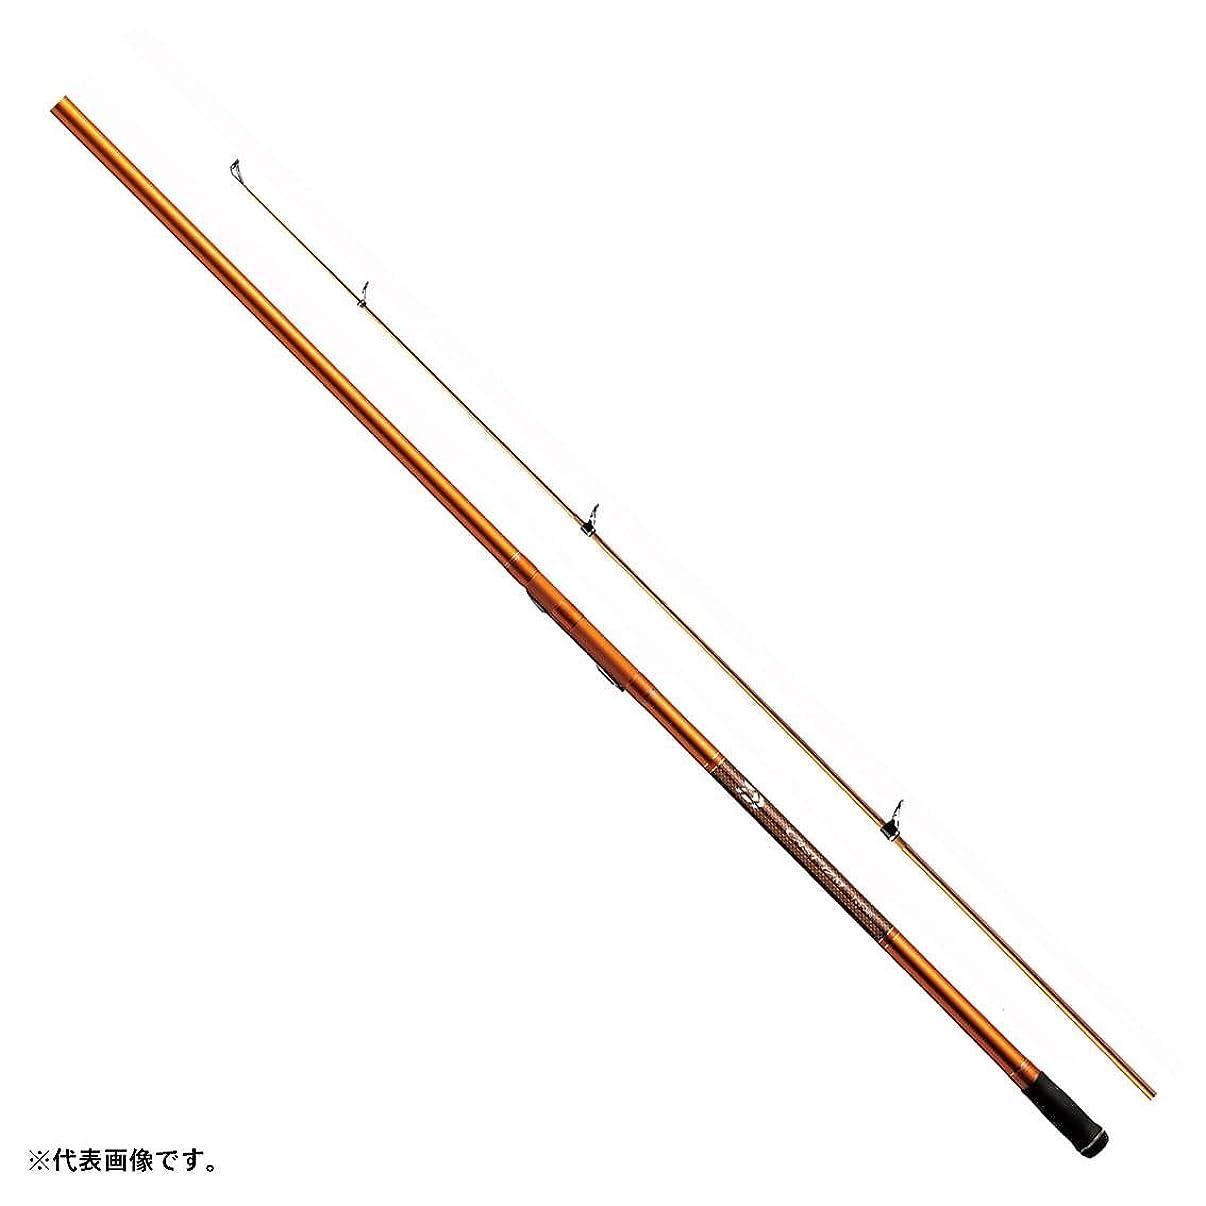 牛肉ワイド克服するダイワ(DAIWA) スピニング 投竿 キャスティズム T 30号-385?V 釣り竿